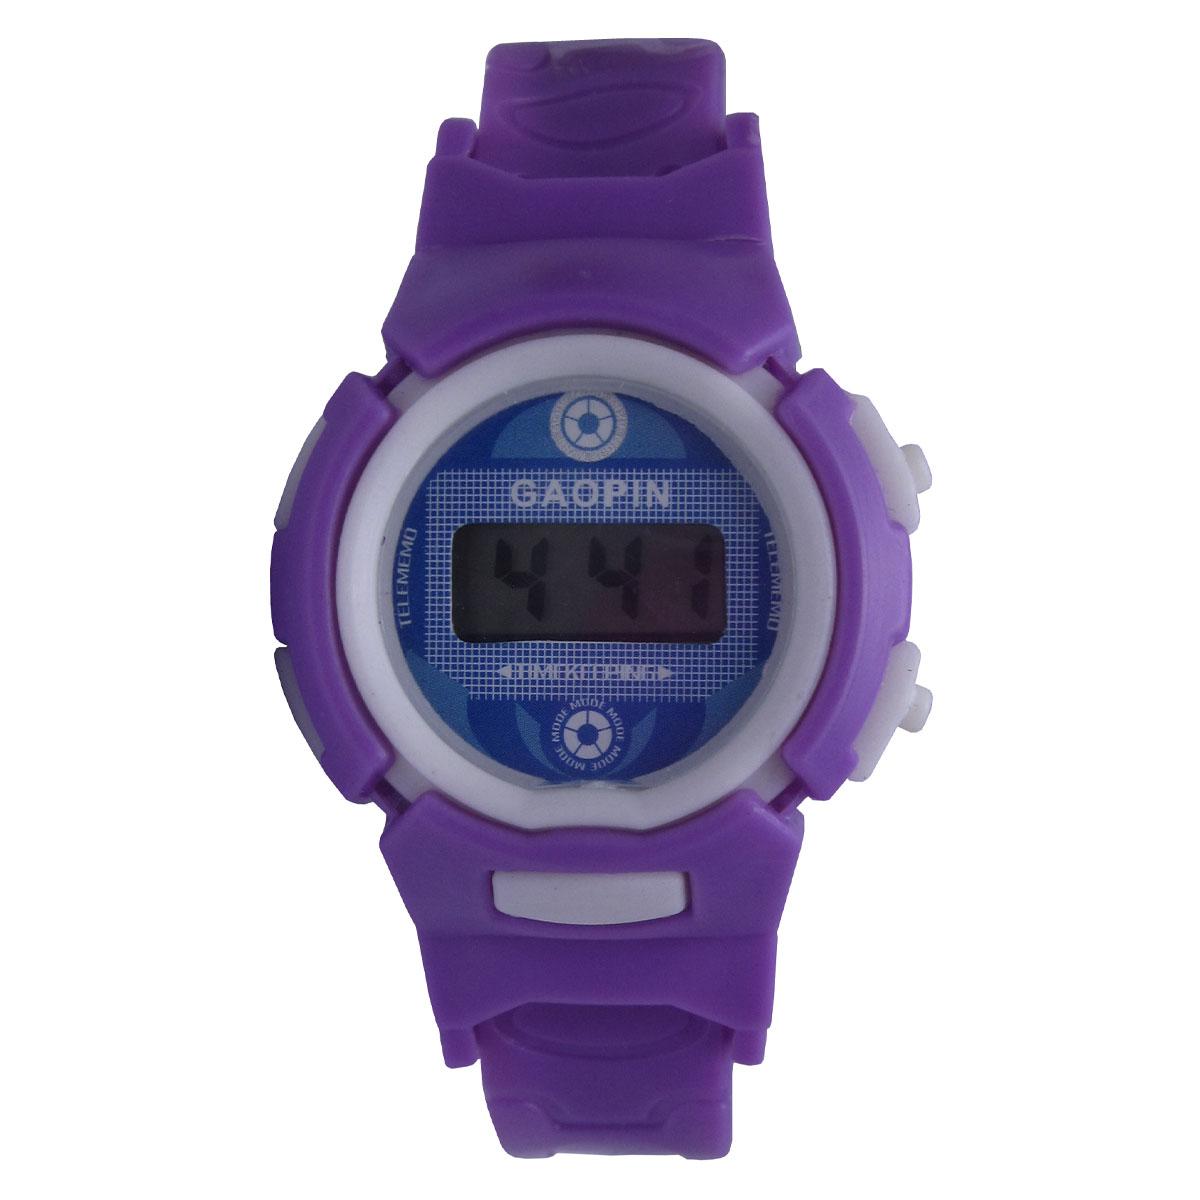 ساعت مچی دیجیتال مدل RA-023             قیمت